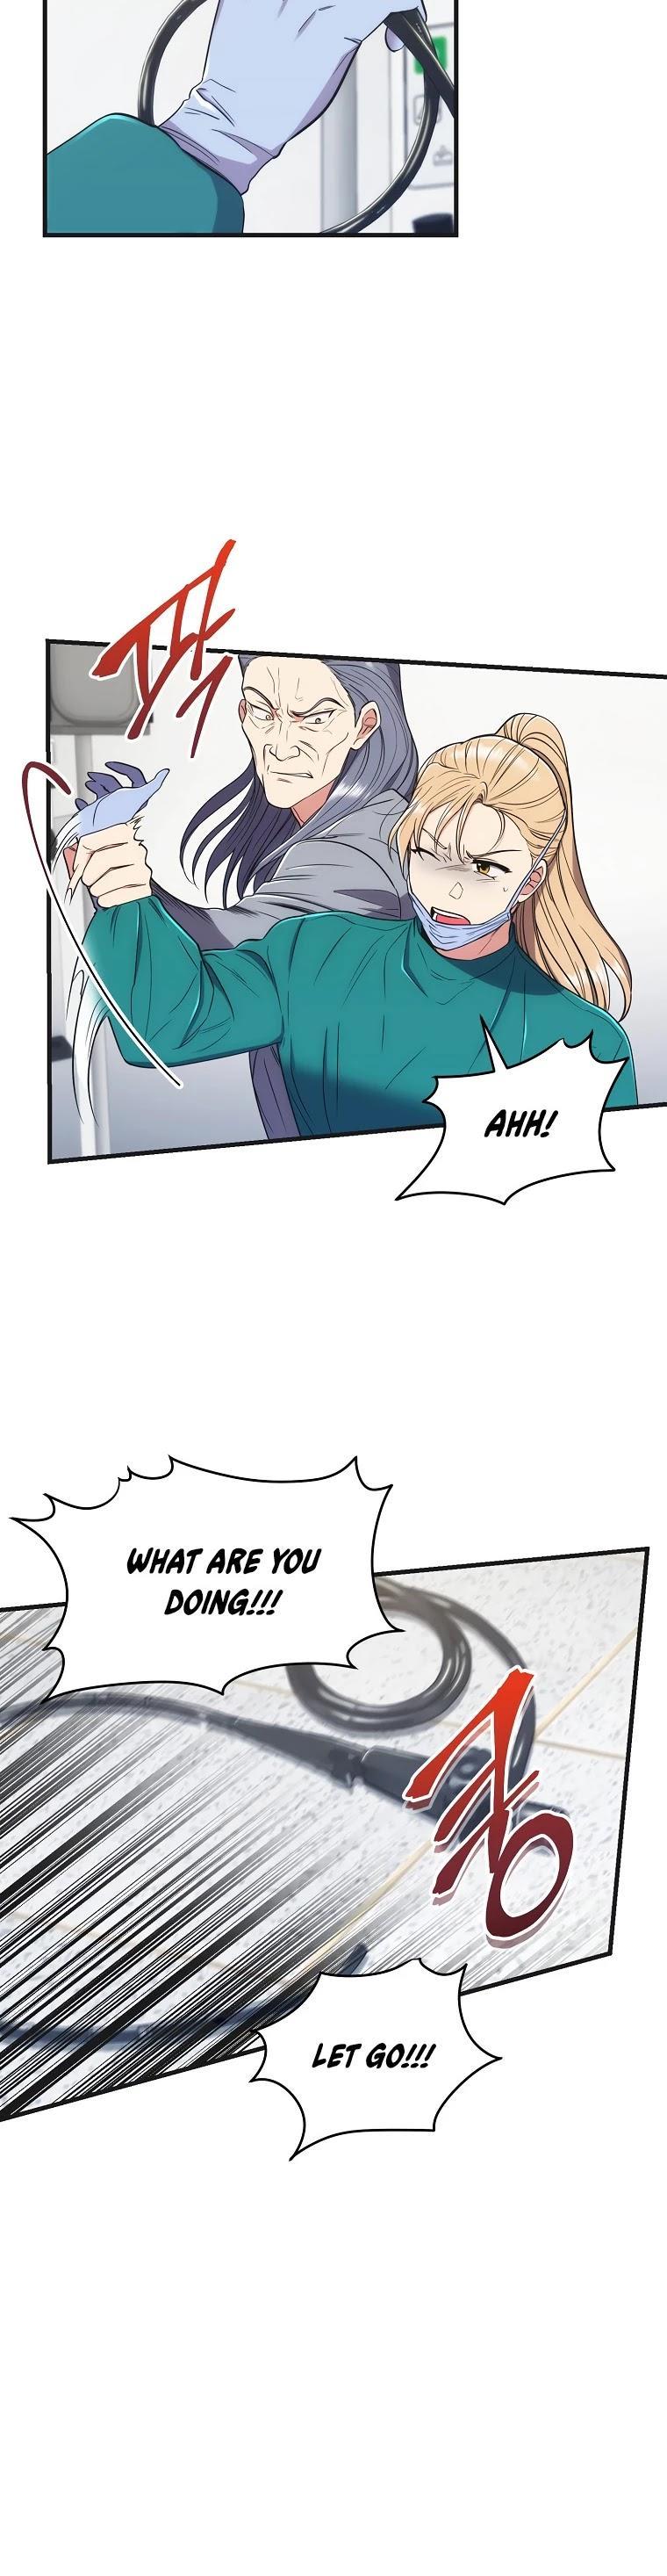 Medical Return Chapter 128 page 19 - Mangakakalot